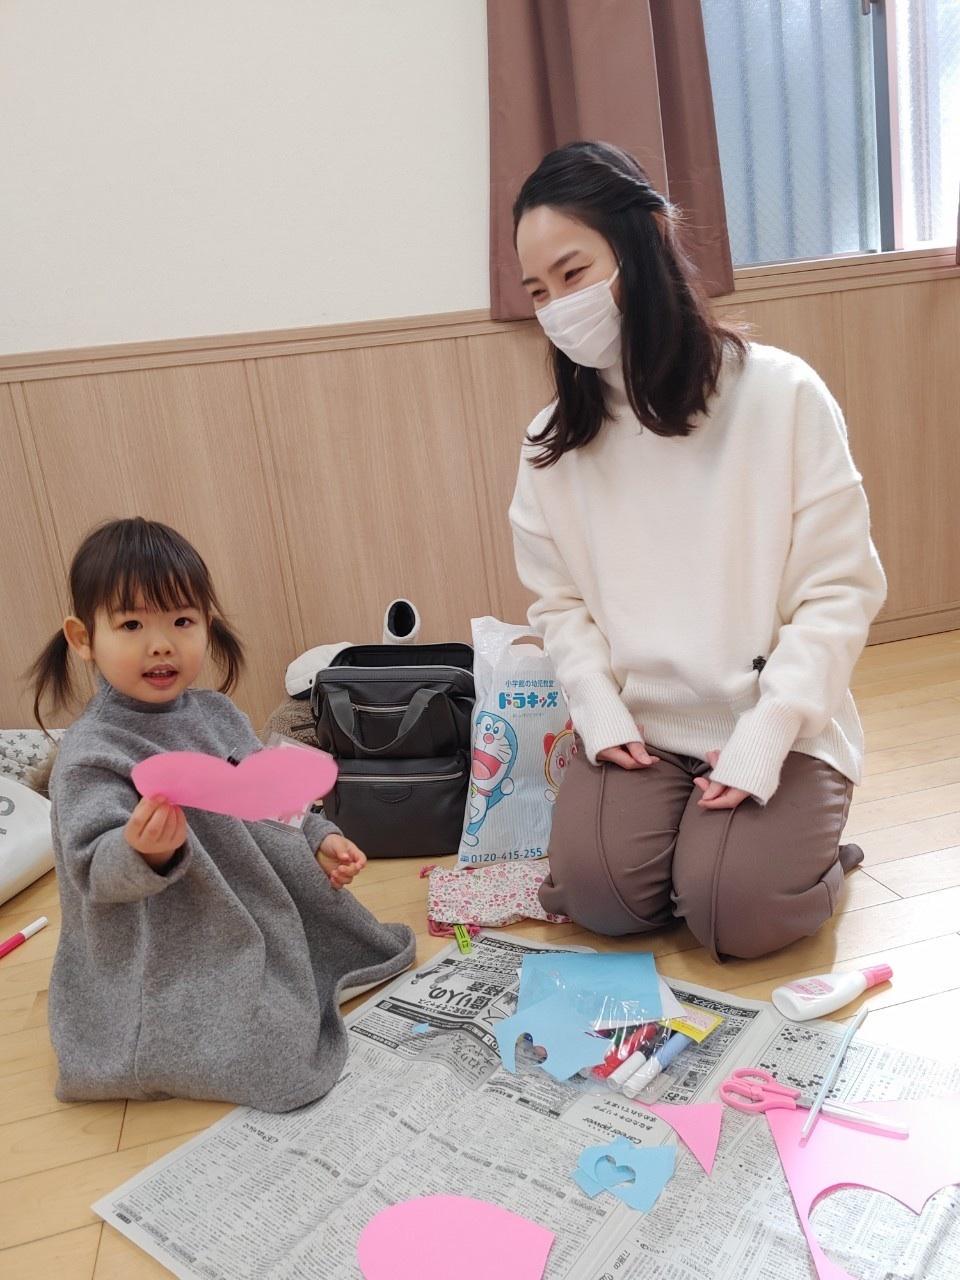 チャイルドパーク☆バレンタイン工作_c0226744_02221653.jpeg